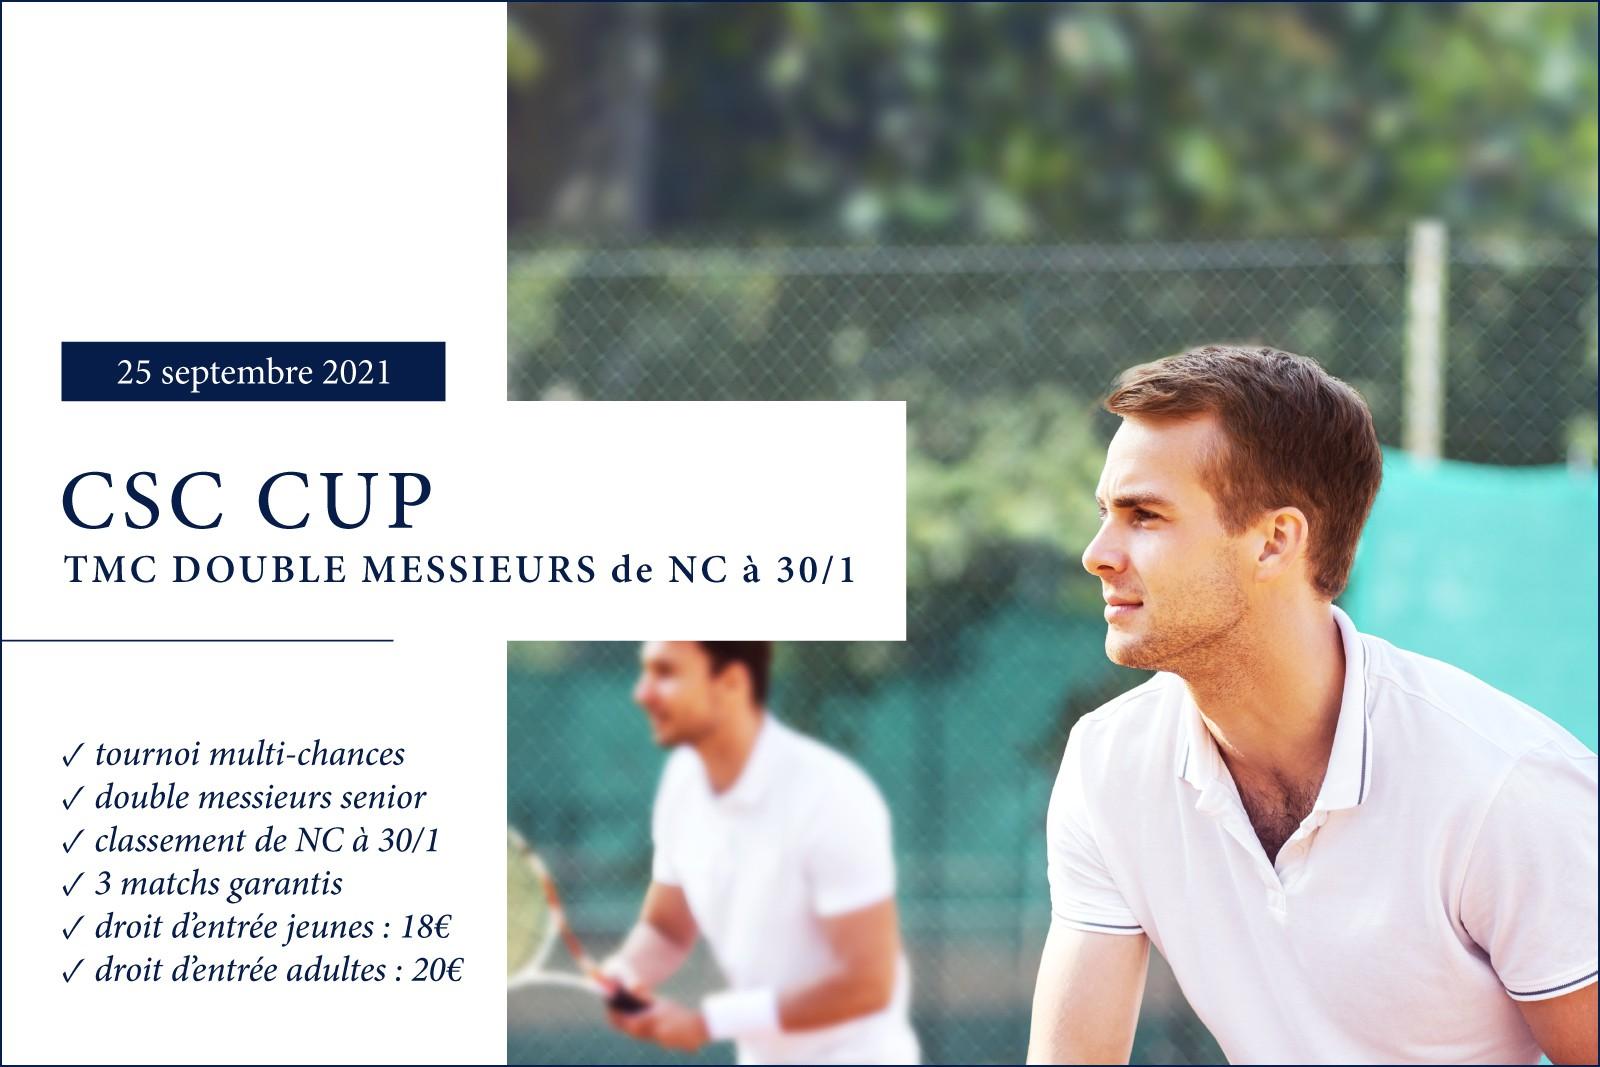 CSC CUP - TMC Double Messieurs Senior